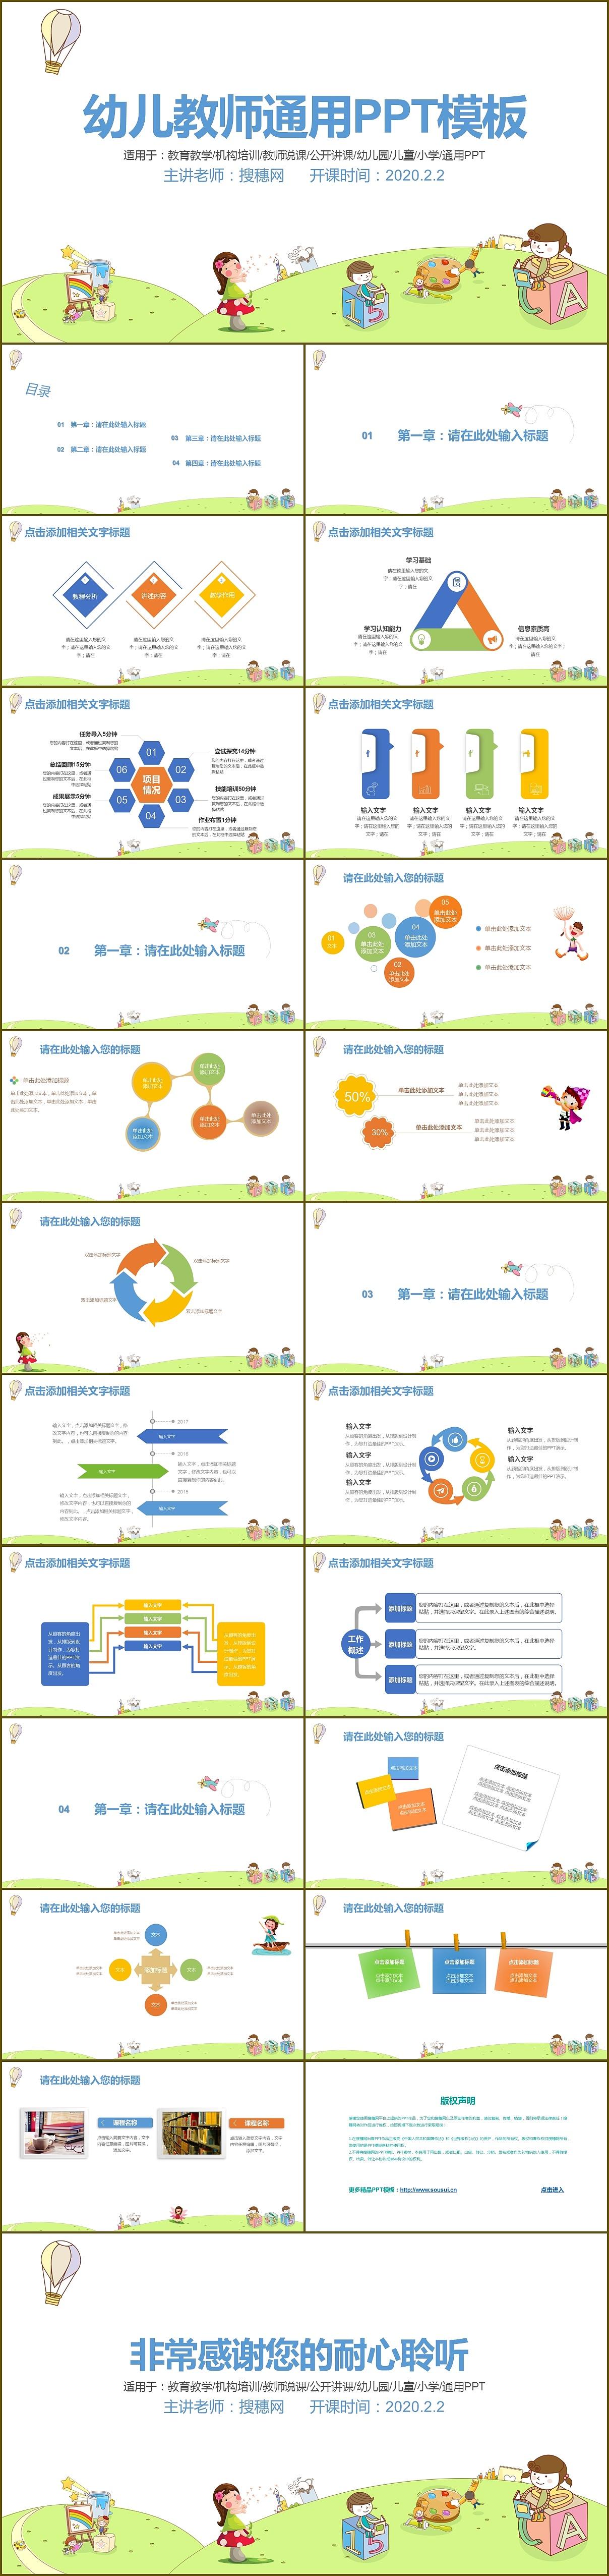 幼儿园机构卡通幼儿教师教育教学儿童v机构科学ppt课件三年经模板上册风教学设计图片